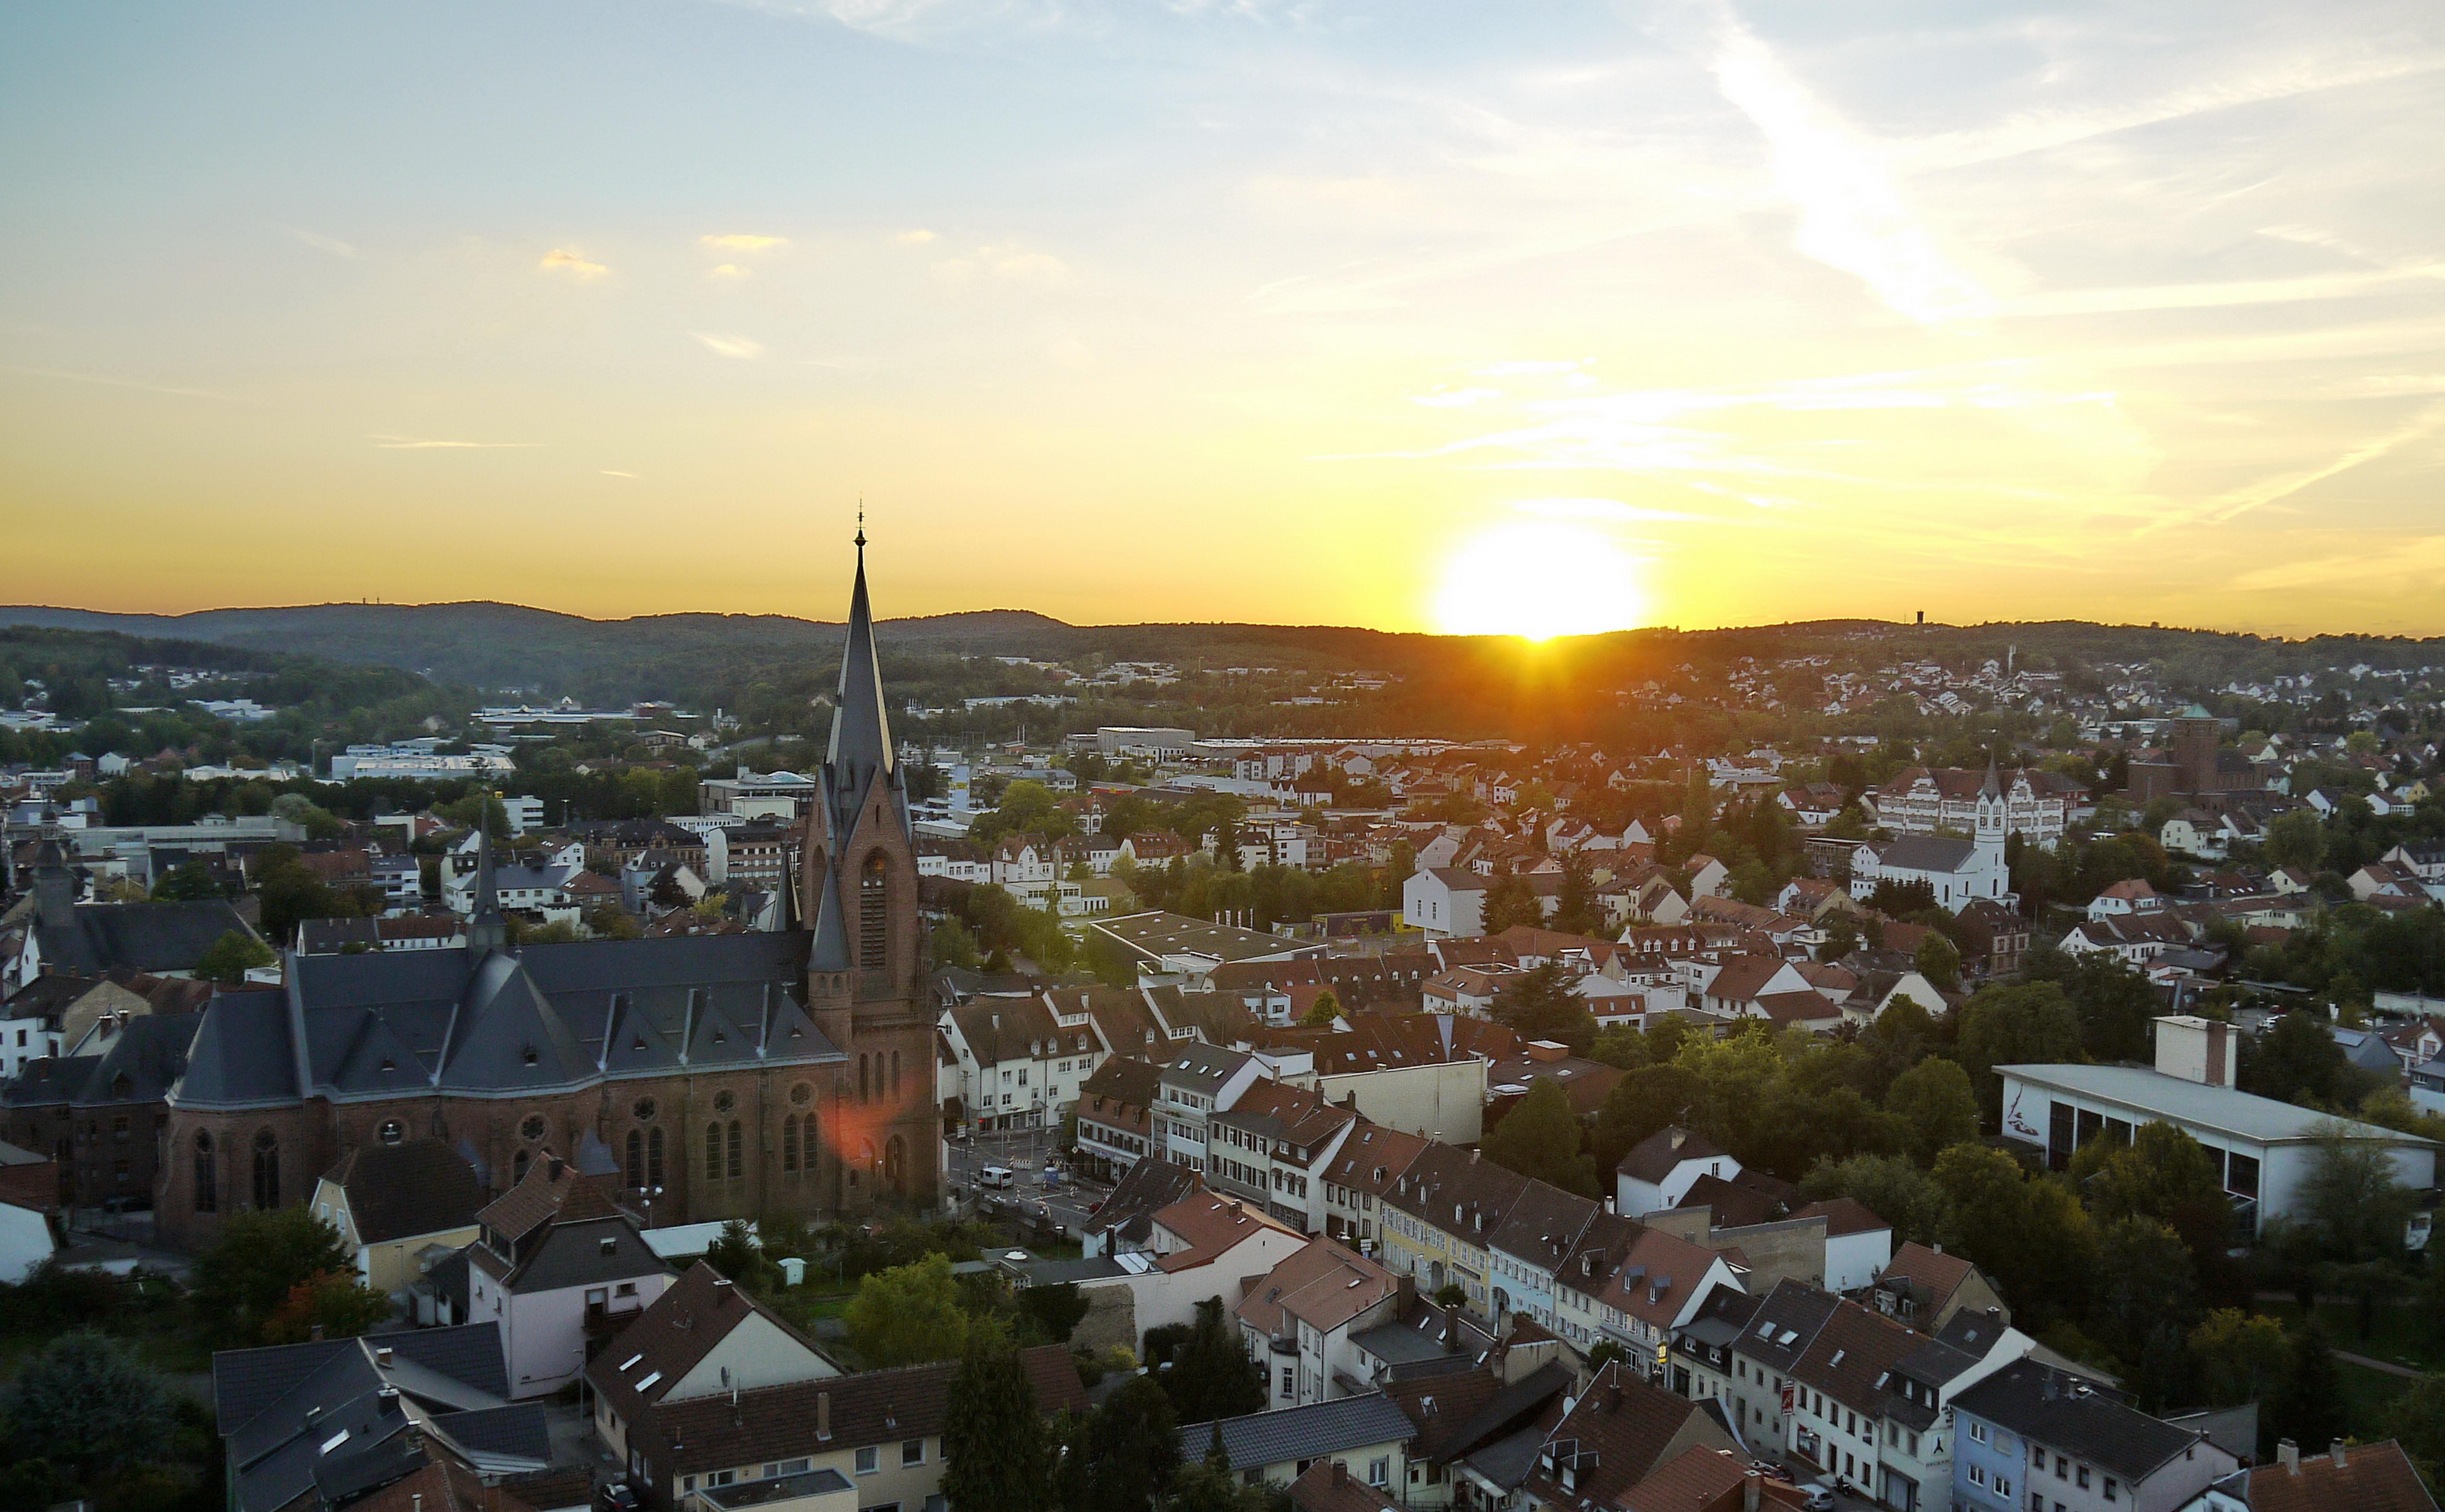 St. Ingbert von Oben, Luftbild, Aussicht Beckerturm